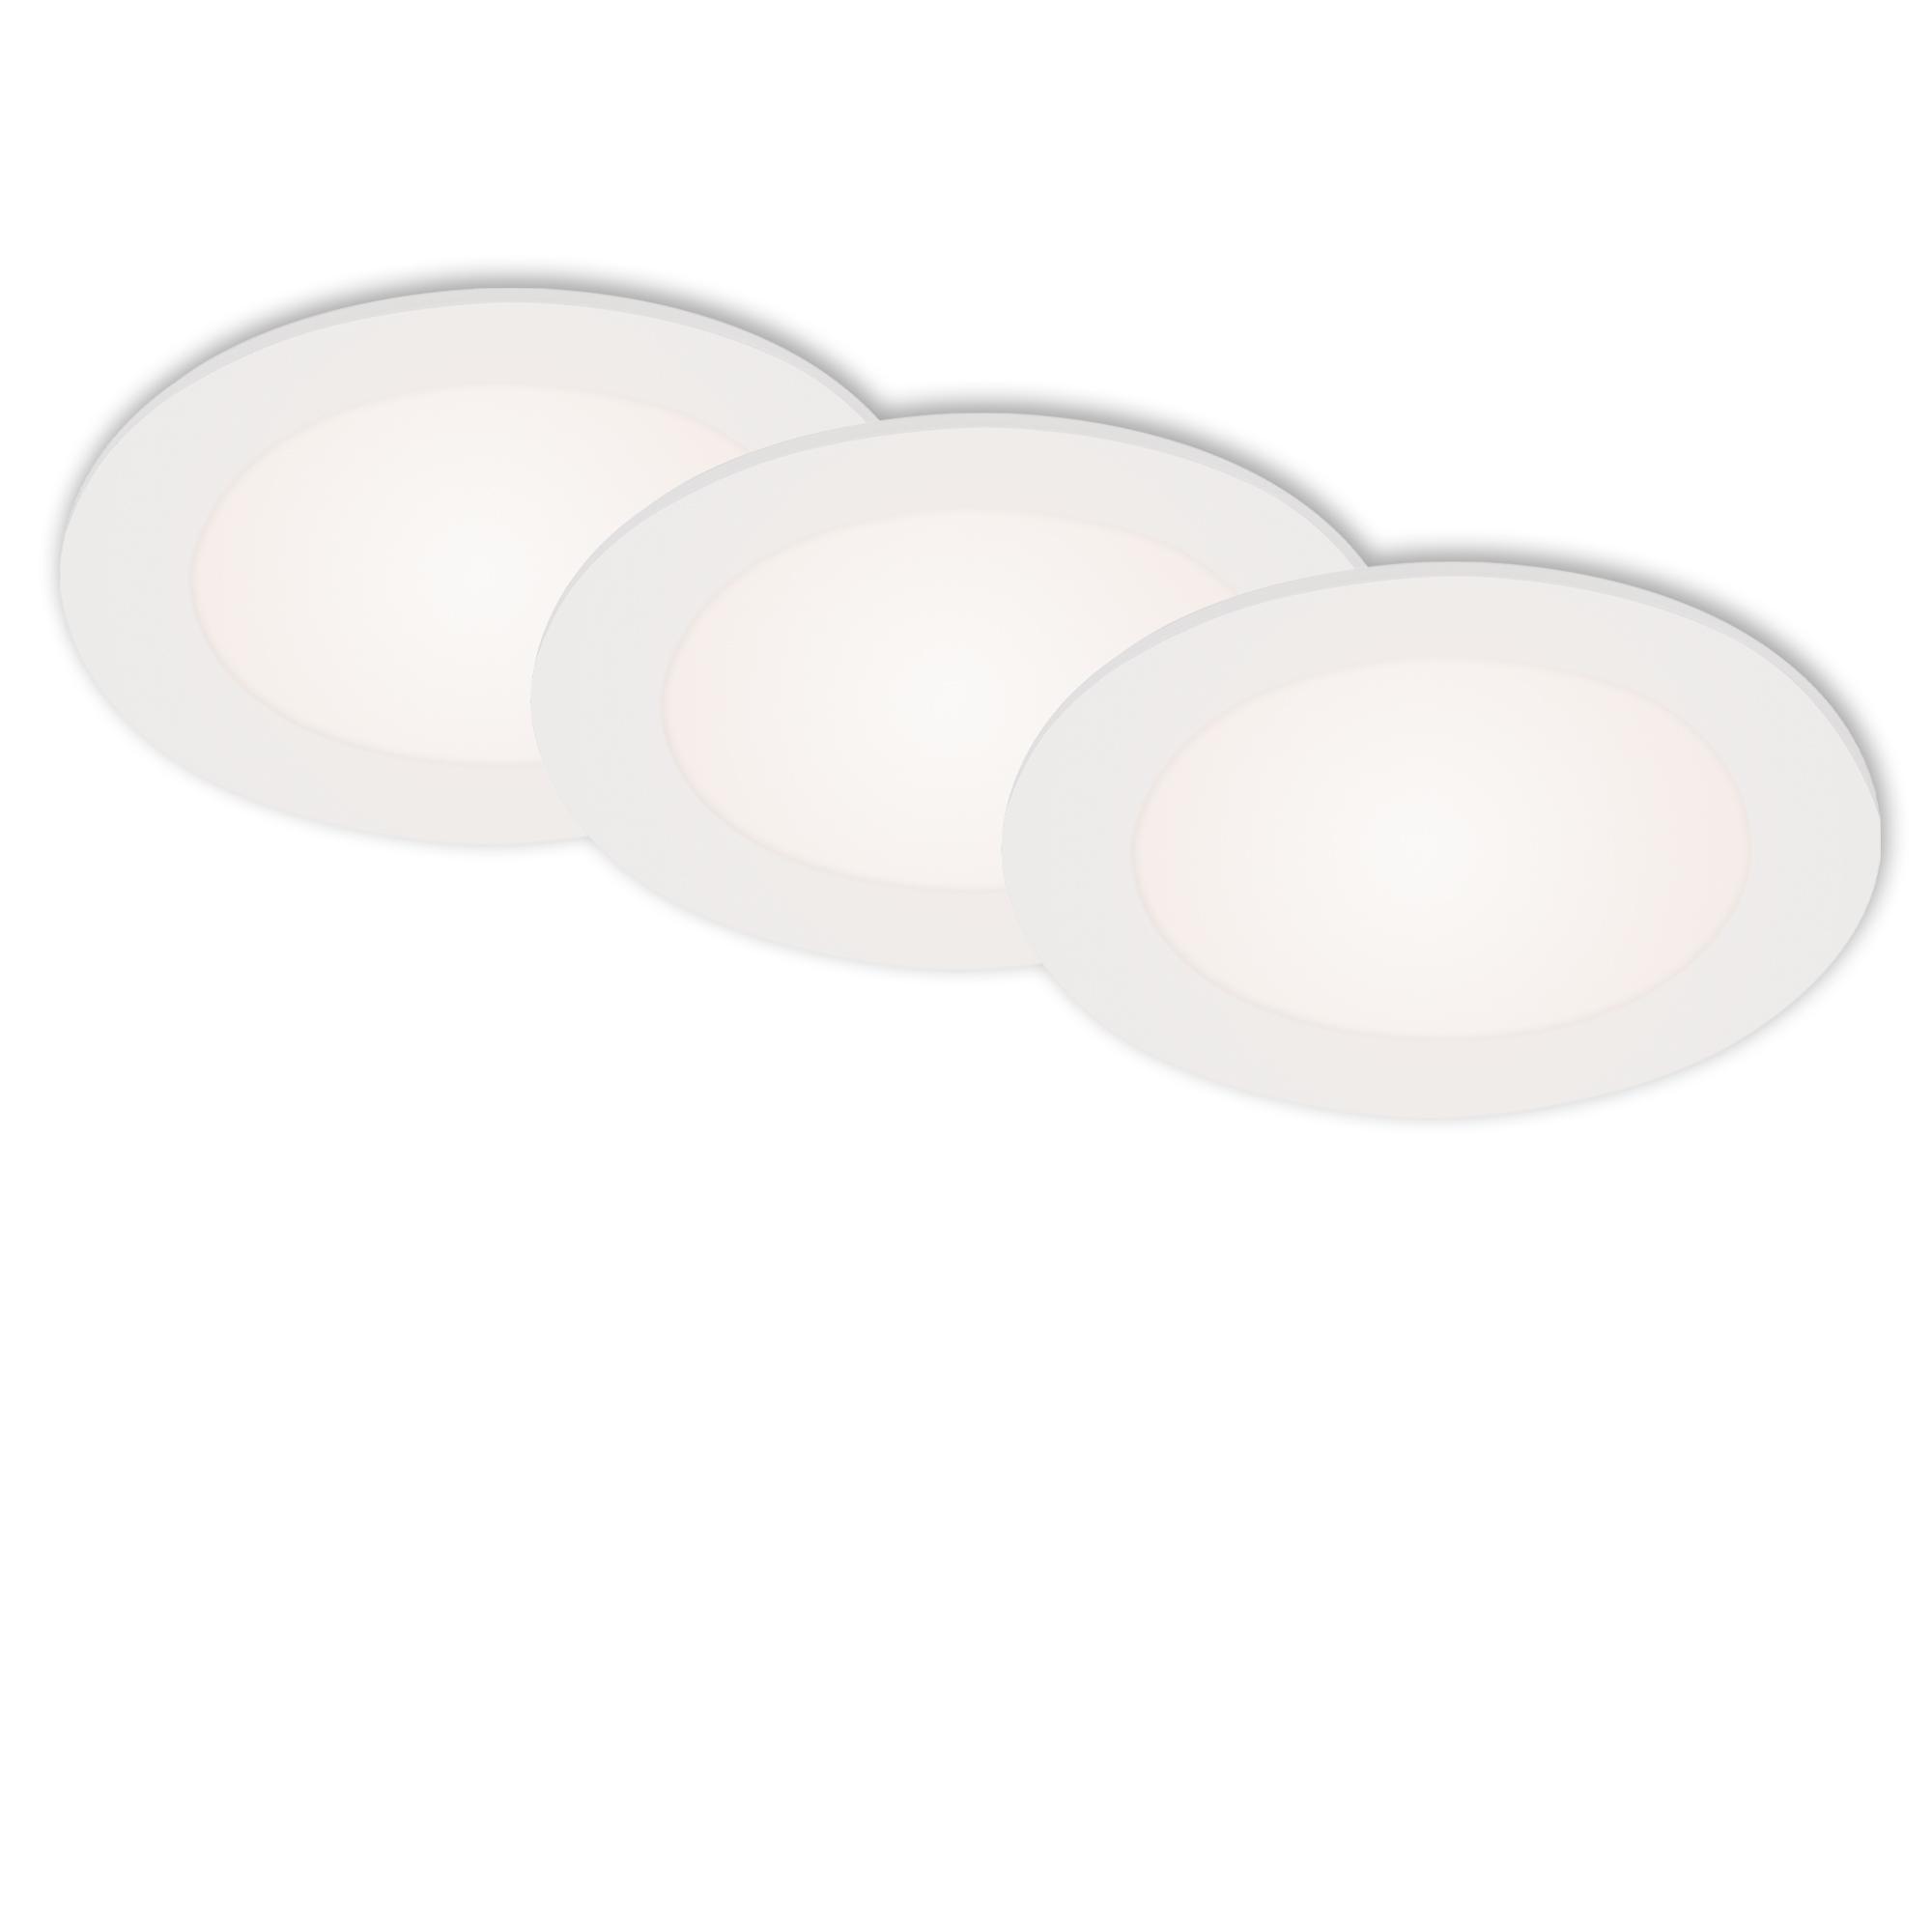 3er Set LED Einbauleuchte, Ø 11,4 cm, 6 W, Weiß